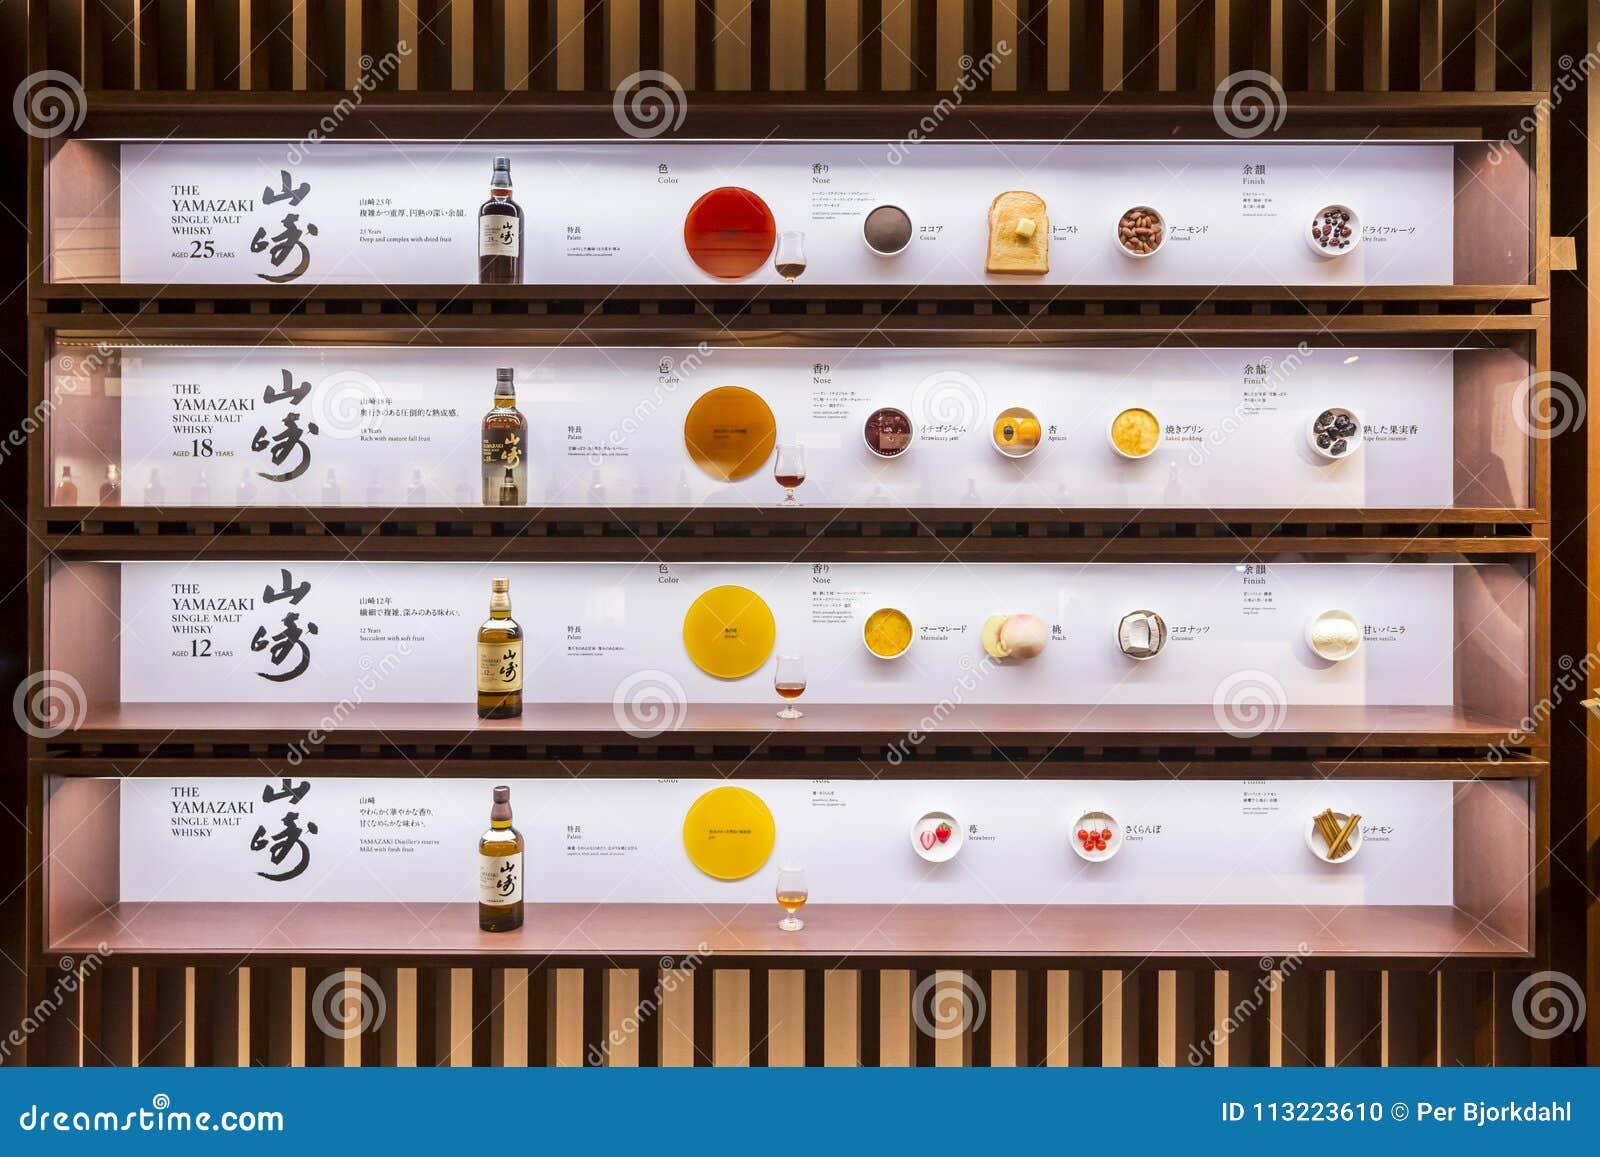 Het verouderen van de Wiskymuseum Japan van Suntory Yamazaki